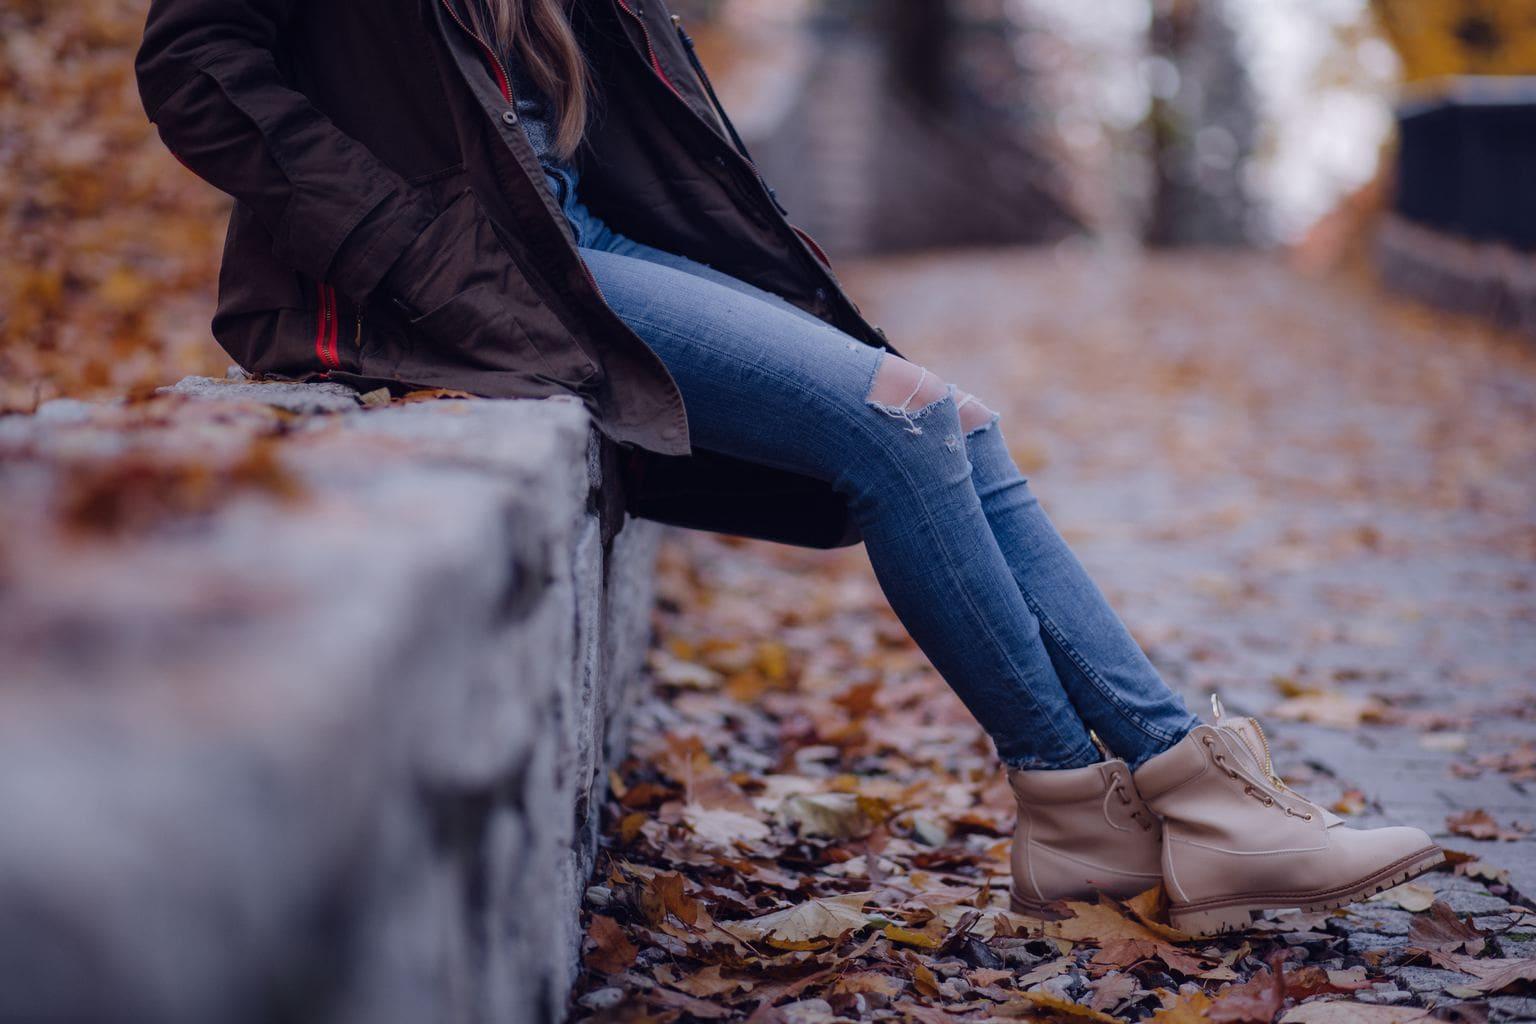 Girl sitting in fall